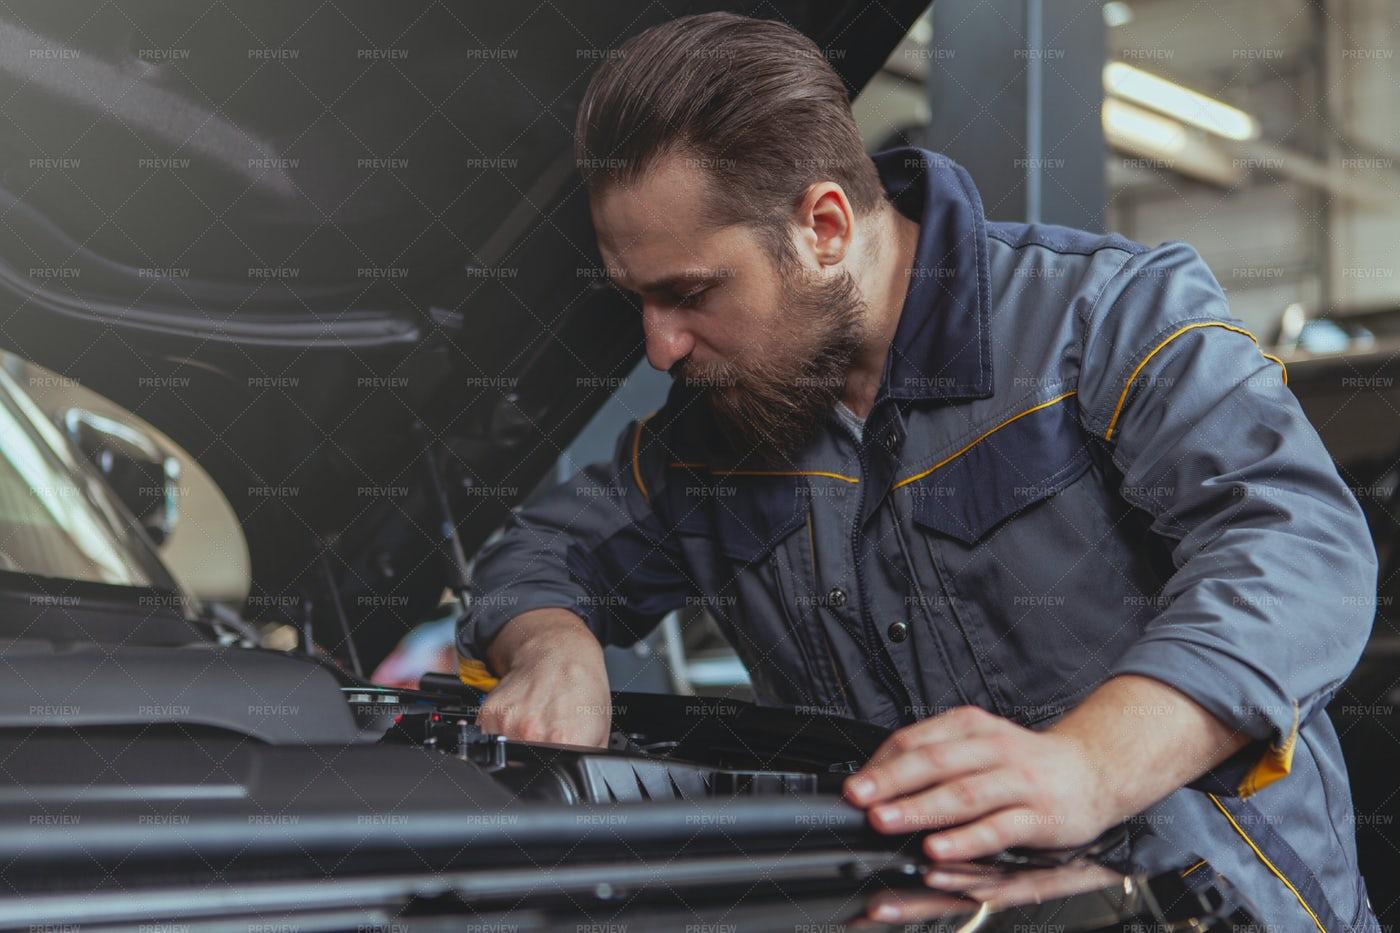 Fixing An Engine: Stock Photos